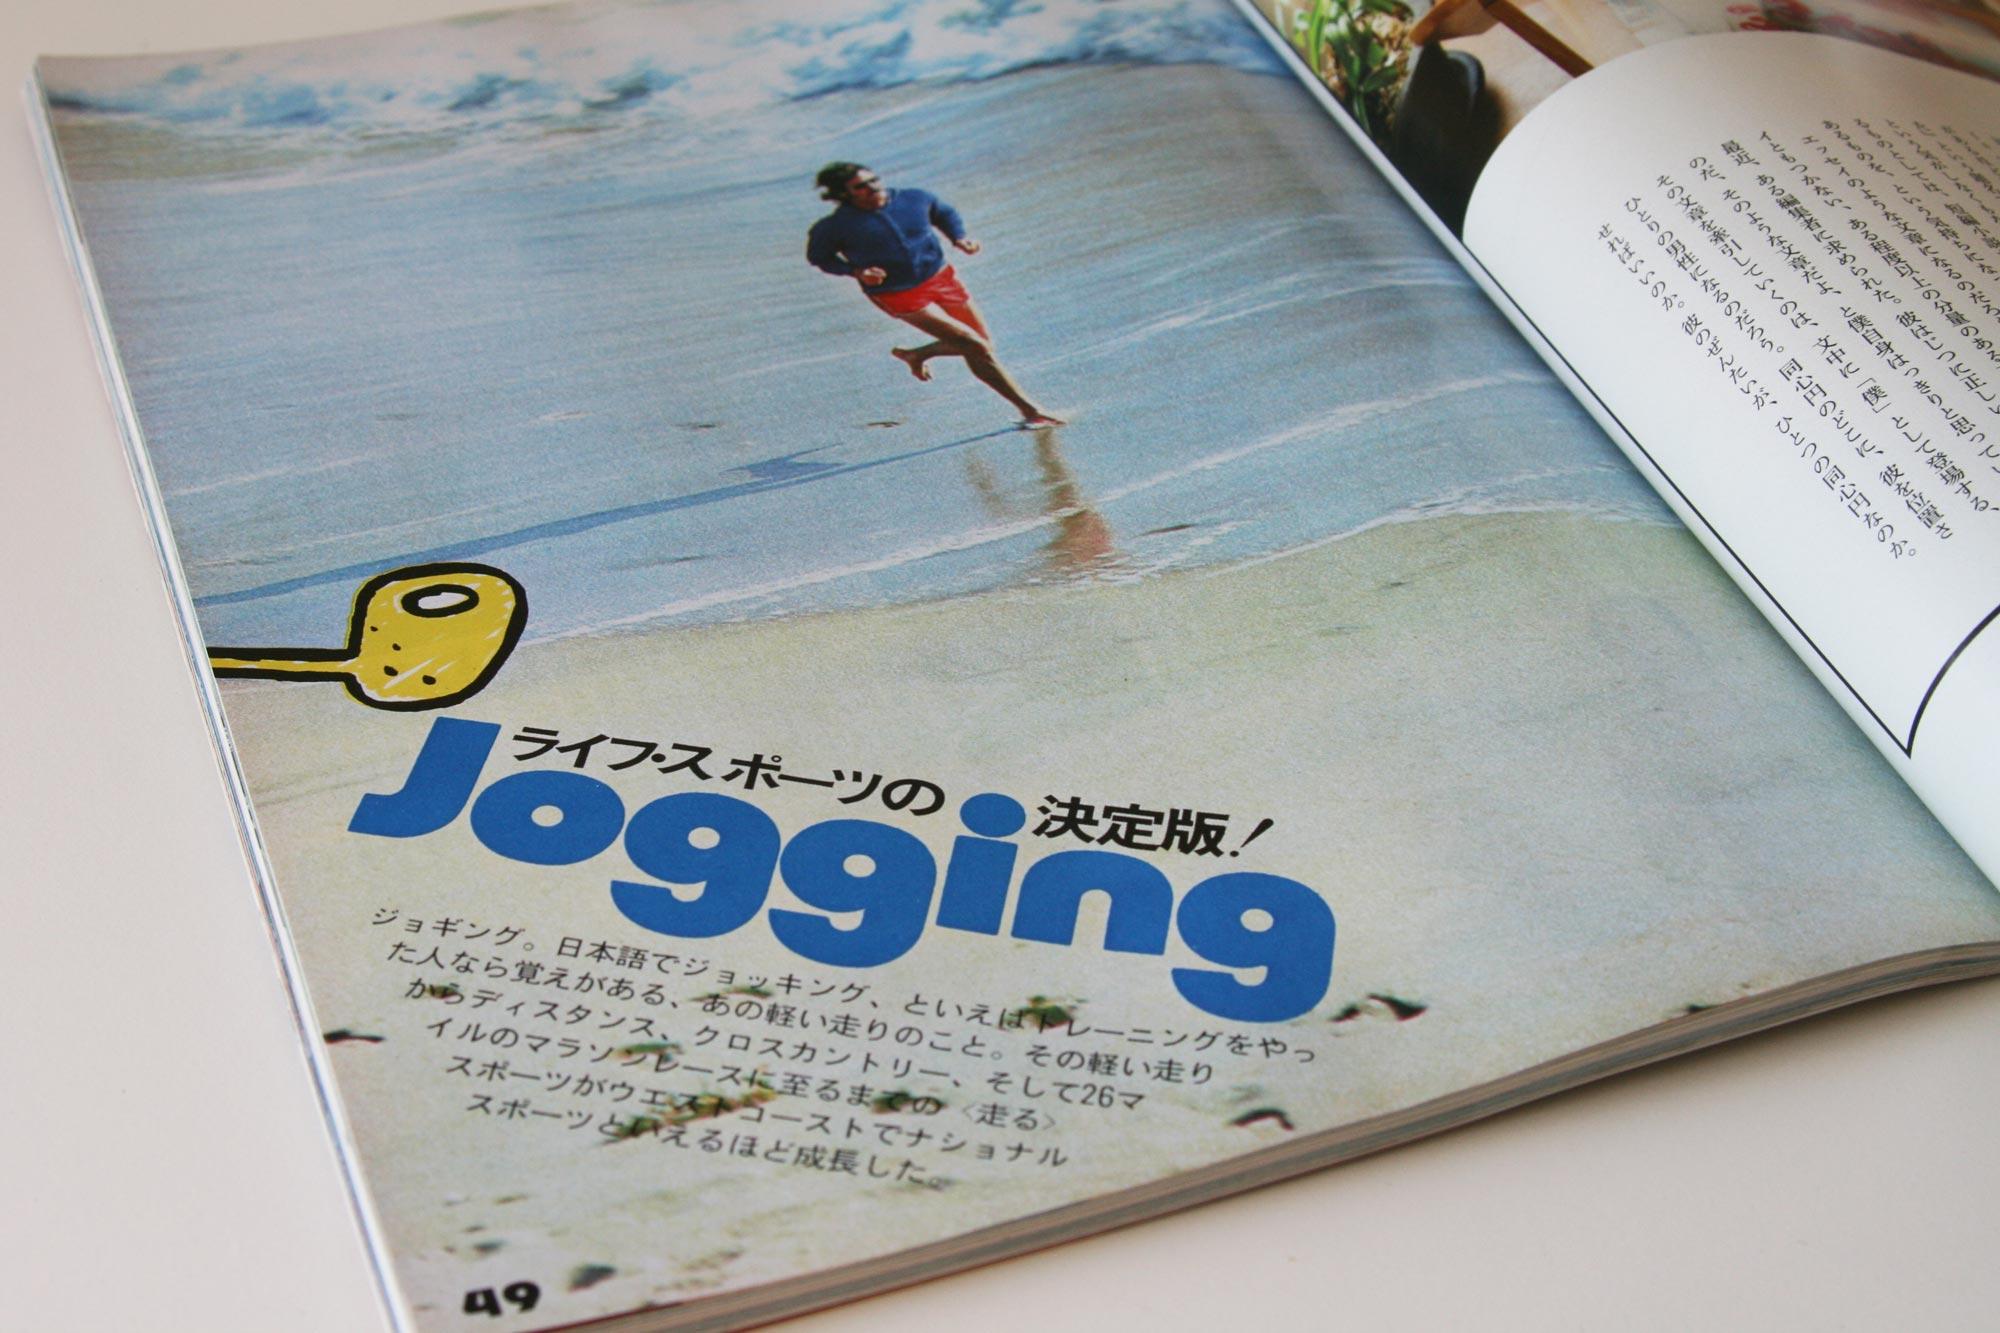 popeye-magazine-jogging_4564